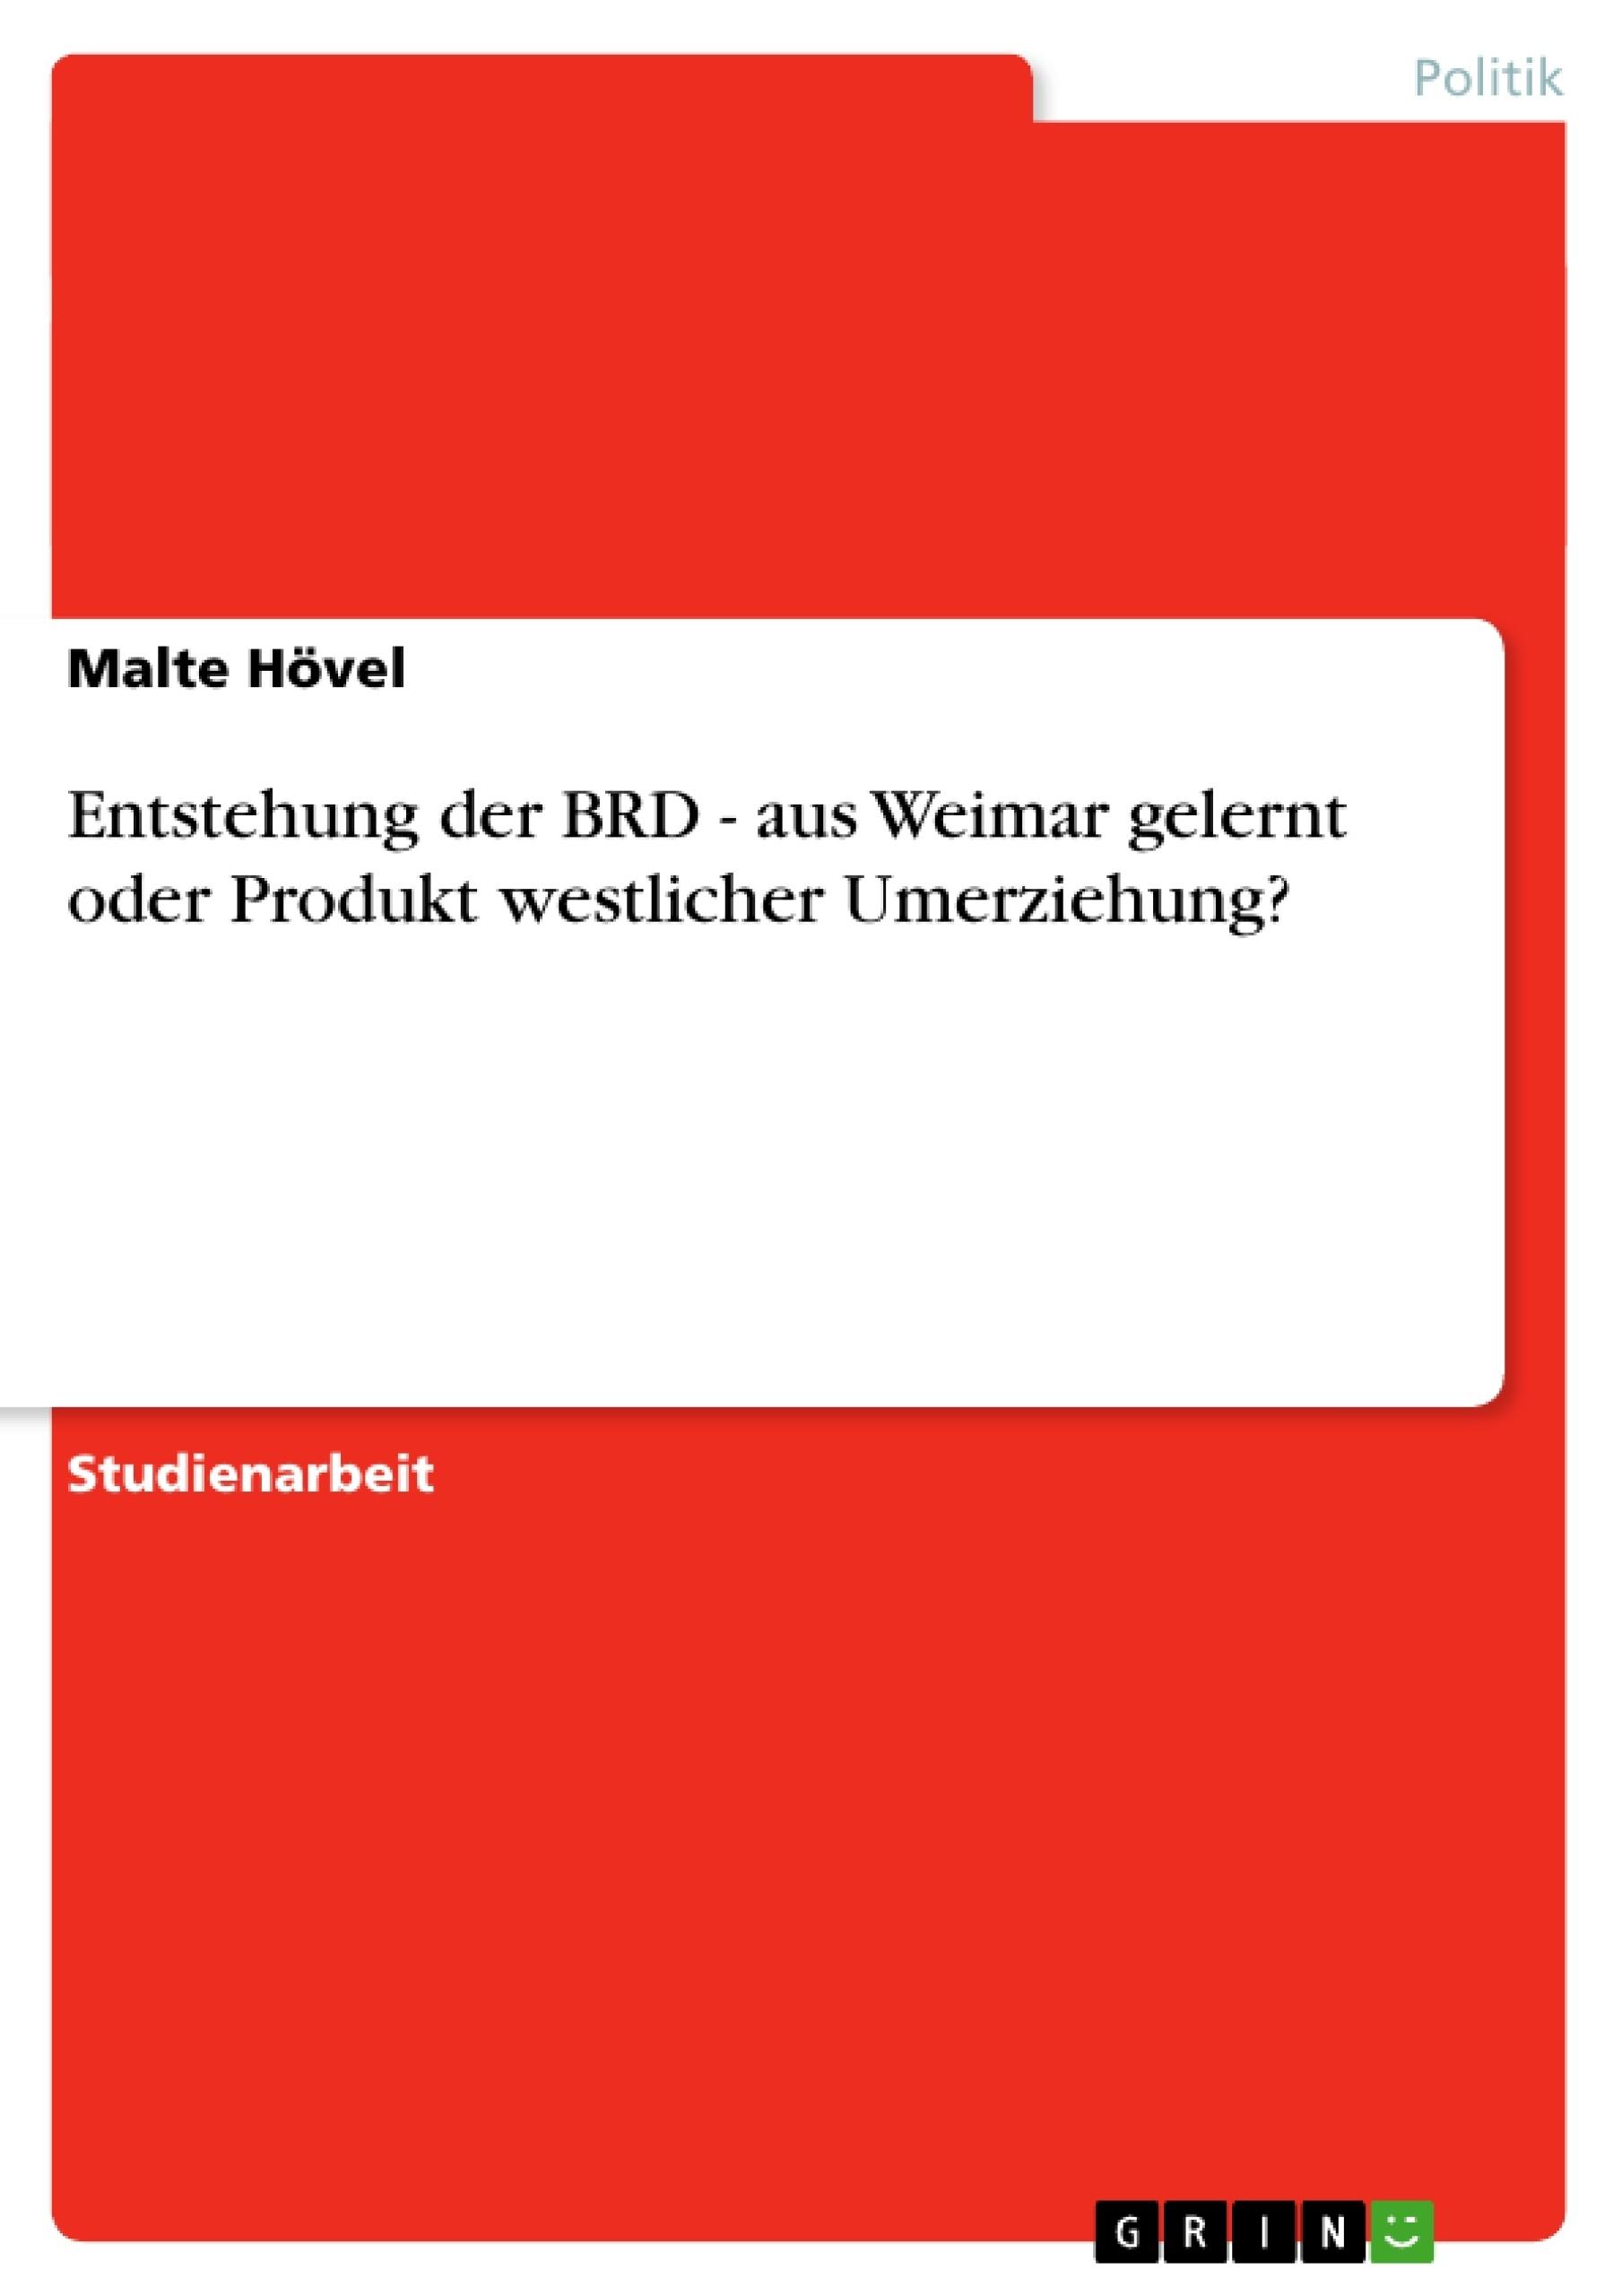 Titel: Entstehung der BRD - aus Weimar gelernt oder Produkt westlicher Umerziehung?